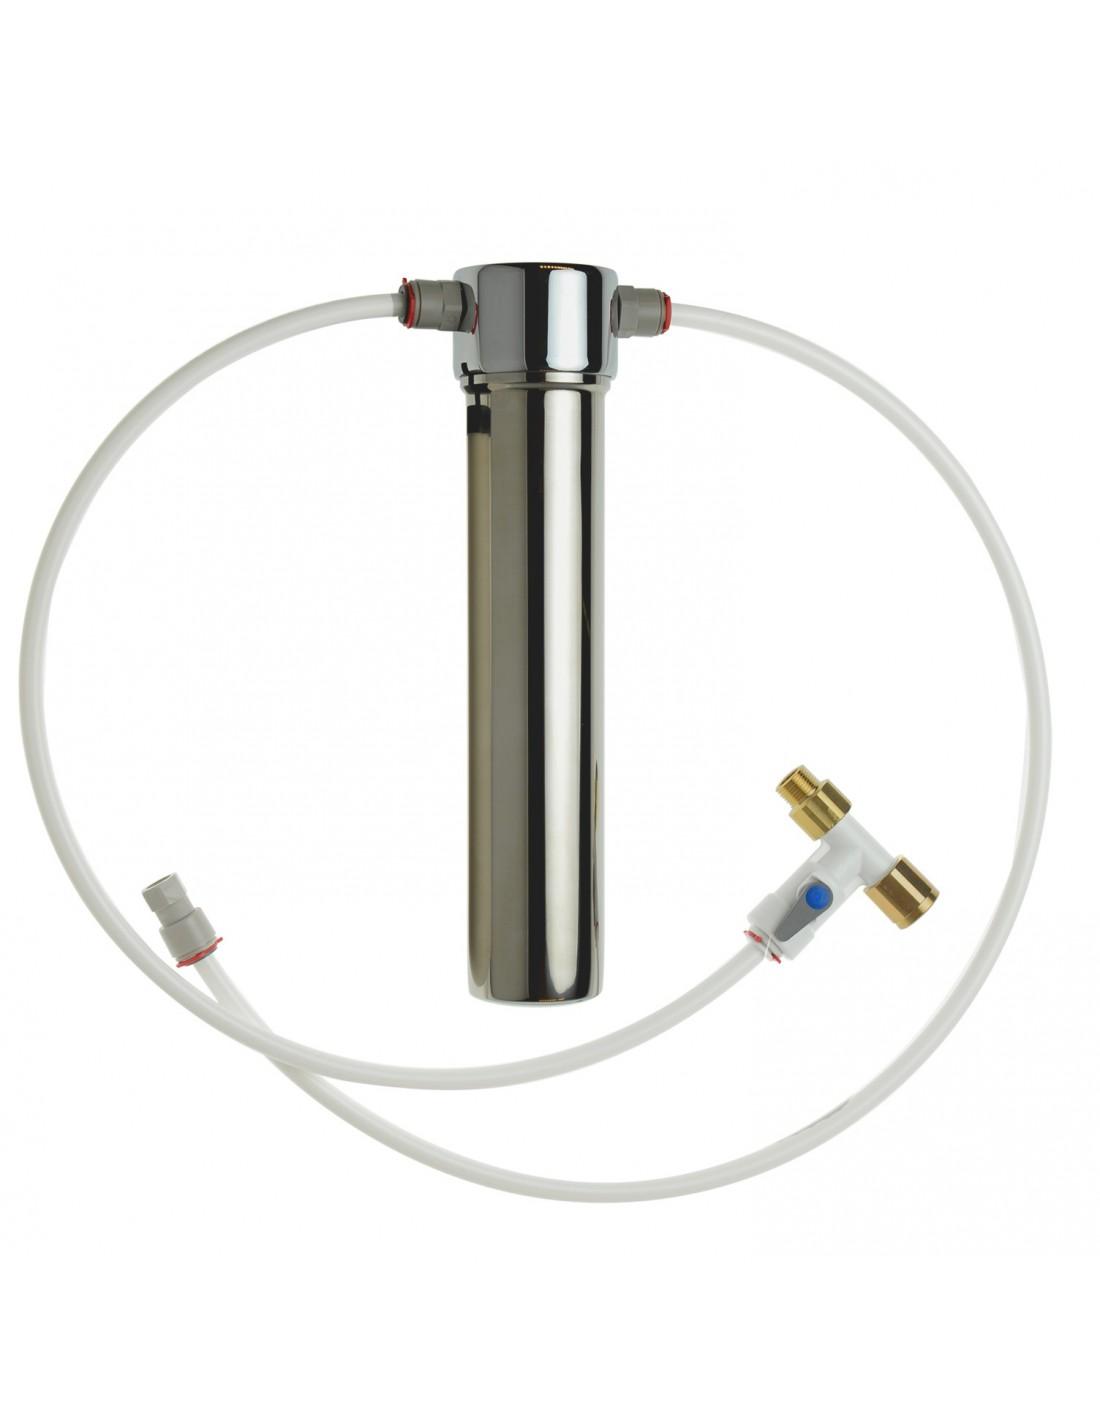 Einbau Wasserfilter Aus Edelstahl Zur Trinkwasserreinigung